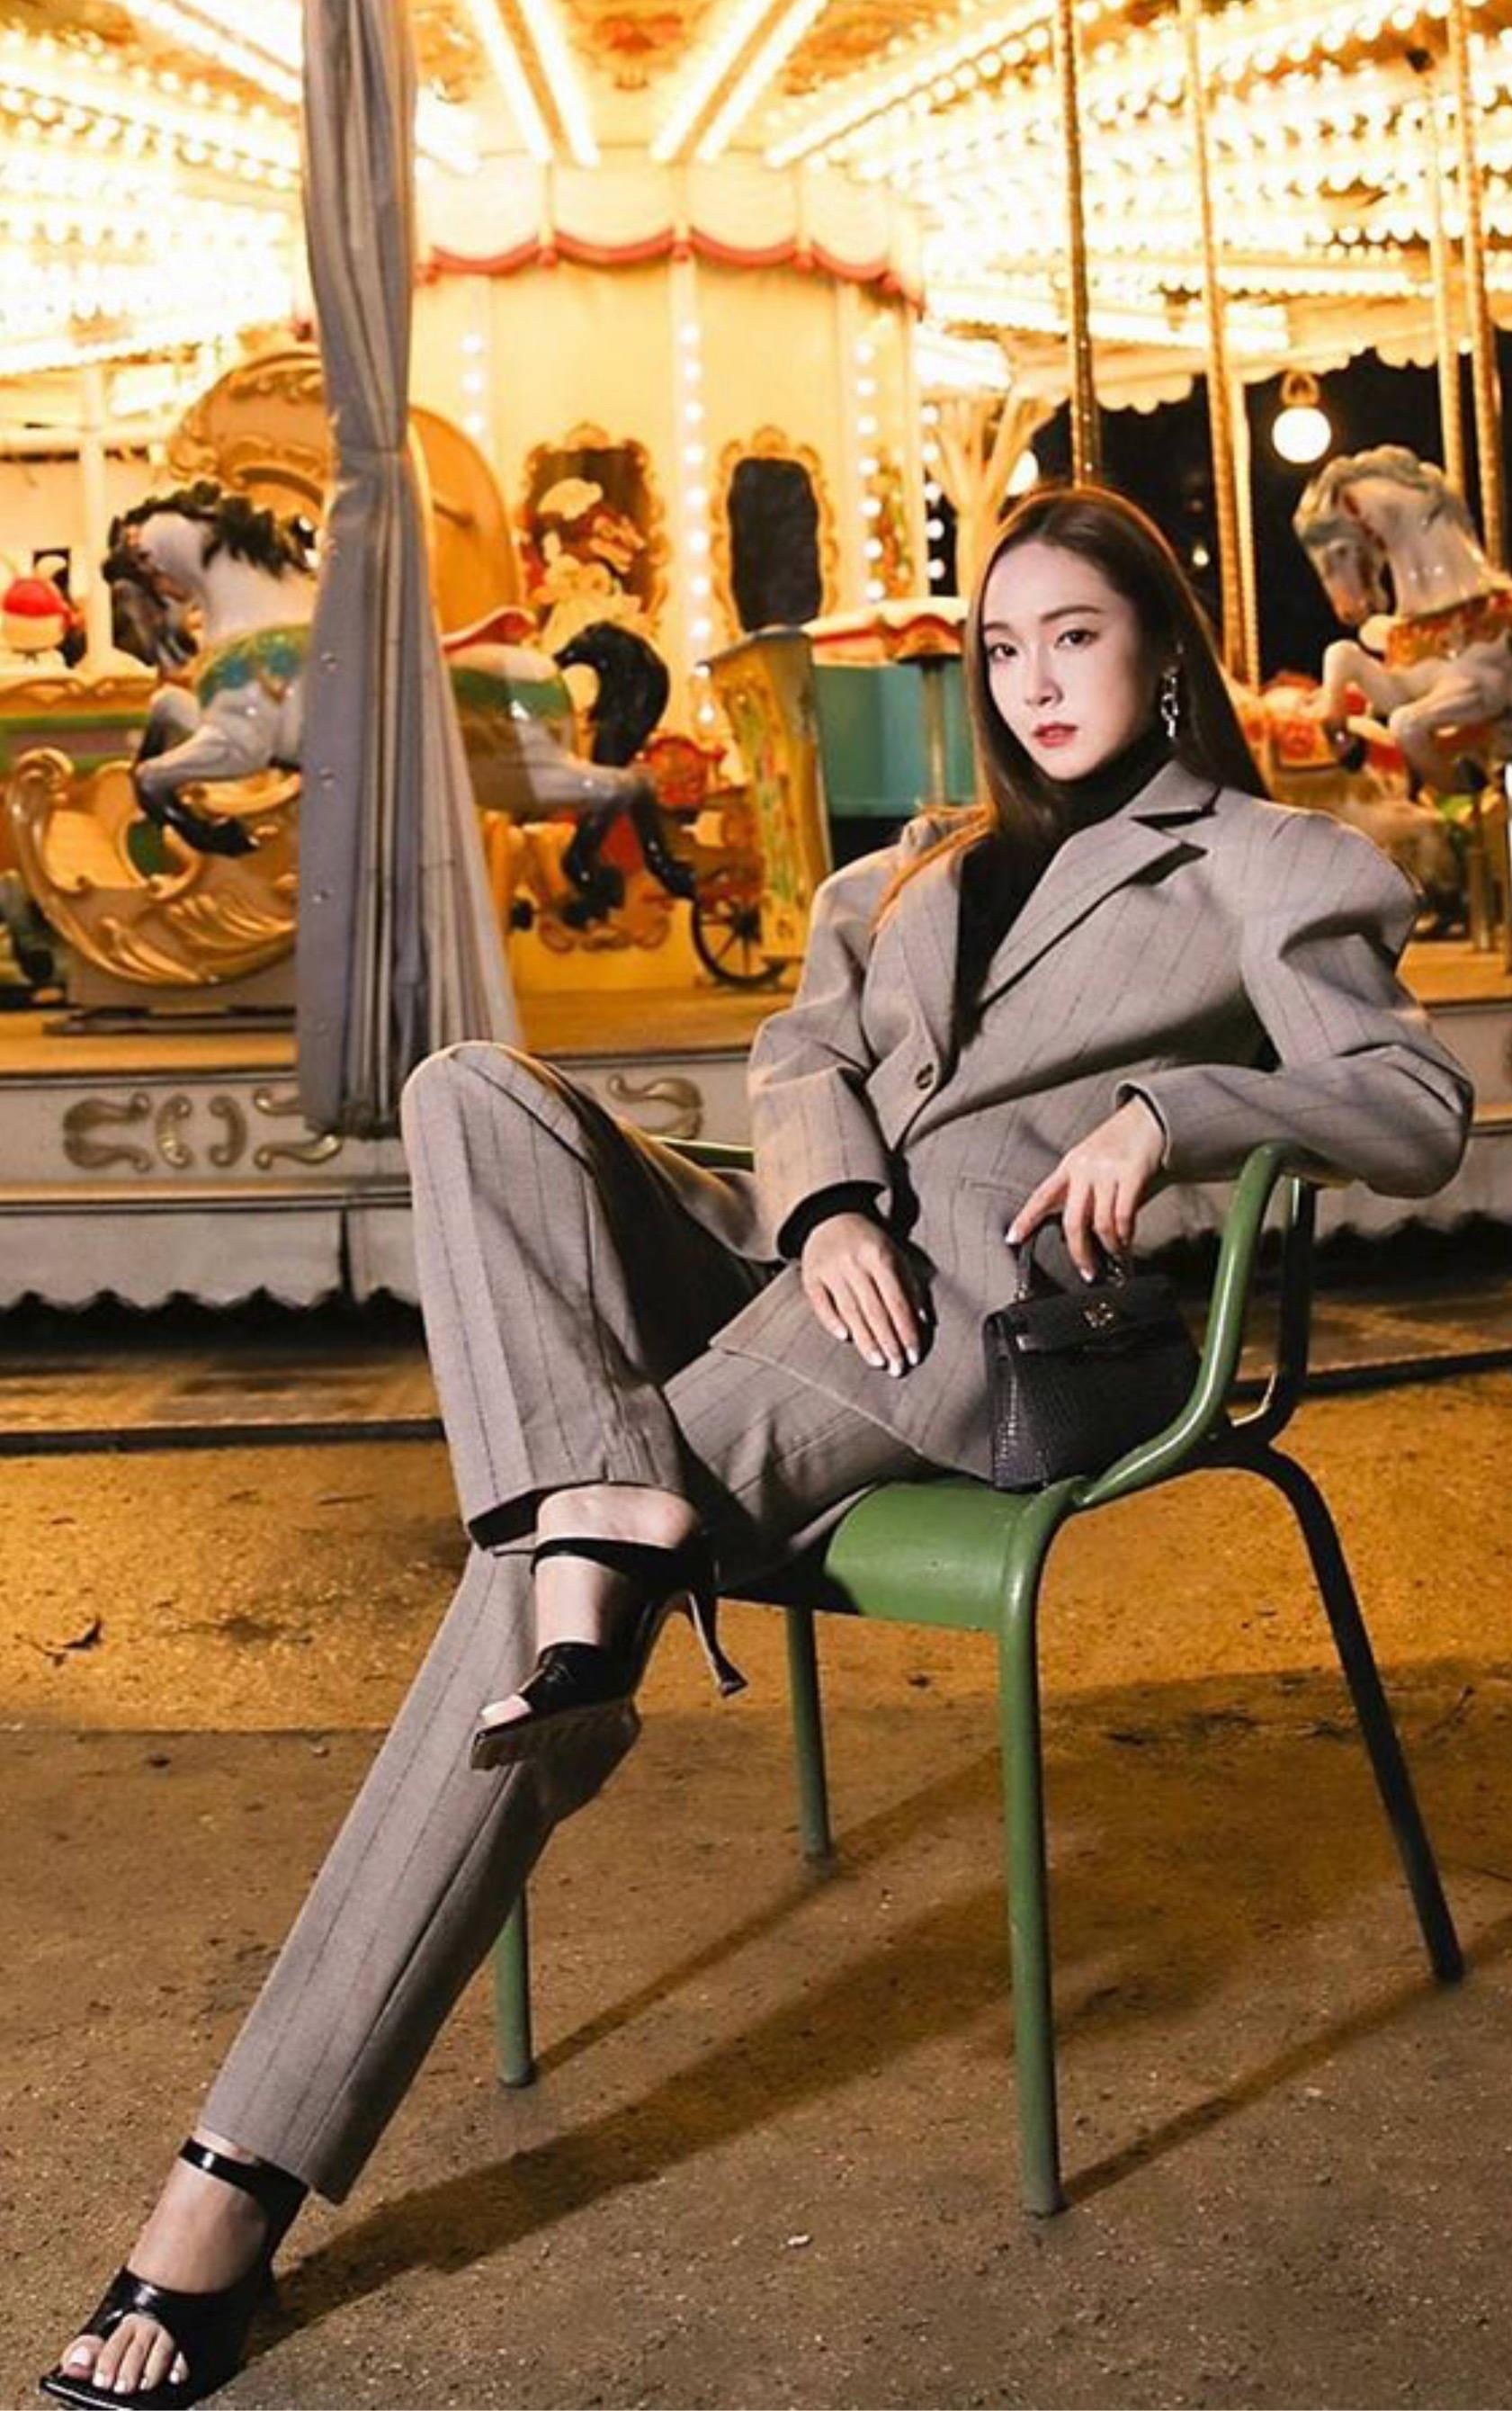 Gần 400.000 người thích phong cách của ca sĩ trong loạt ảnh trên Instagram hồi tháng 4/2020. Cô kết hợp áo len cổ lọ với cây Wandering kẻ sọc, mang sandals Bottega Veneta. Túi Kelly mini cỡ 20 cm là bản giới hạn, chế tác từ da cá sấu, giá lên tới 68.995 USD.